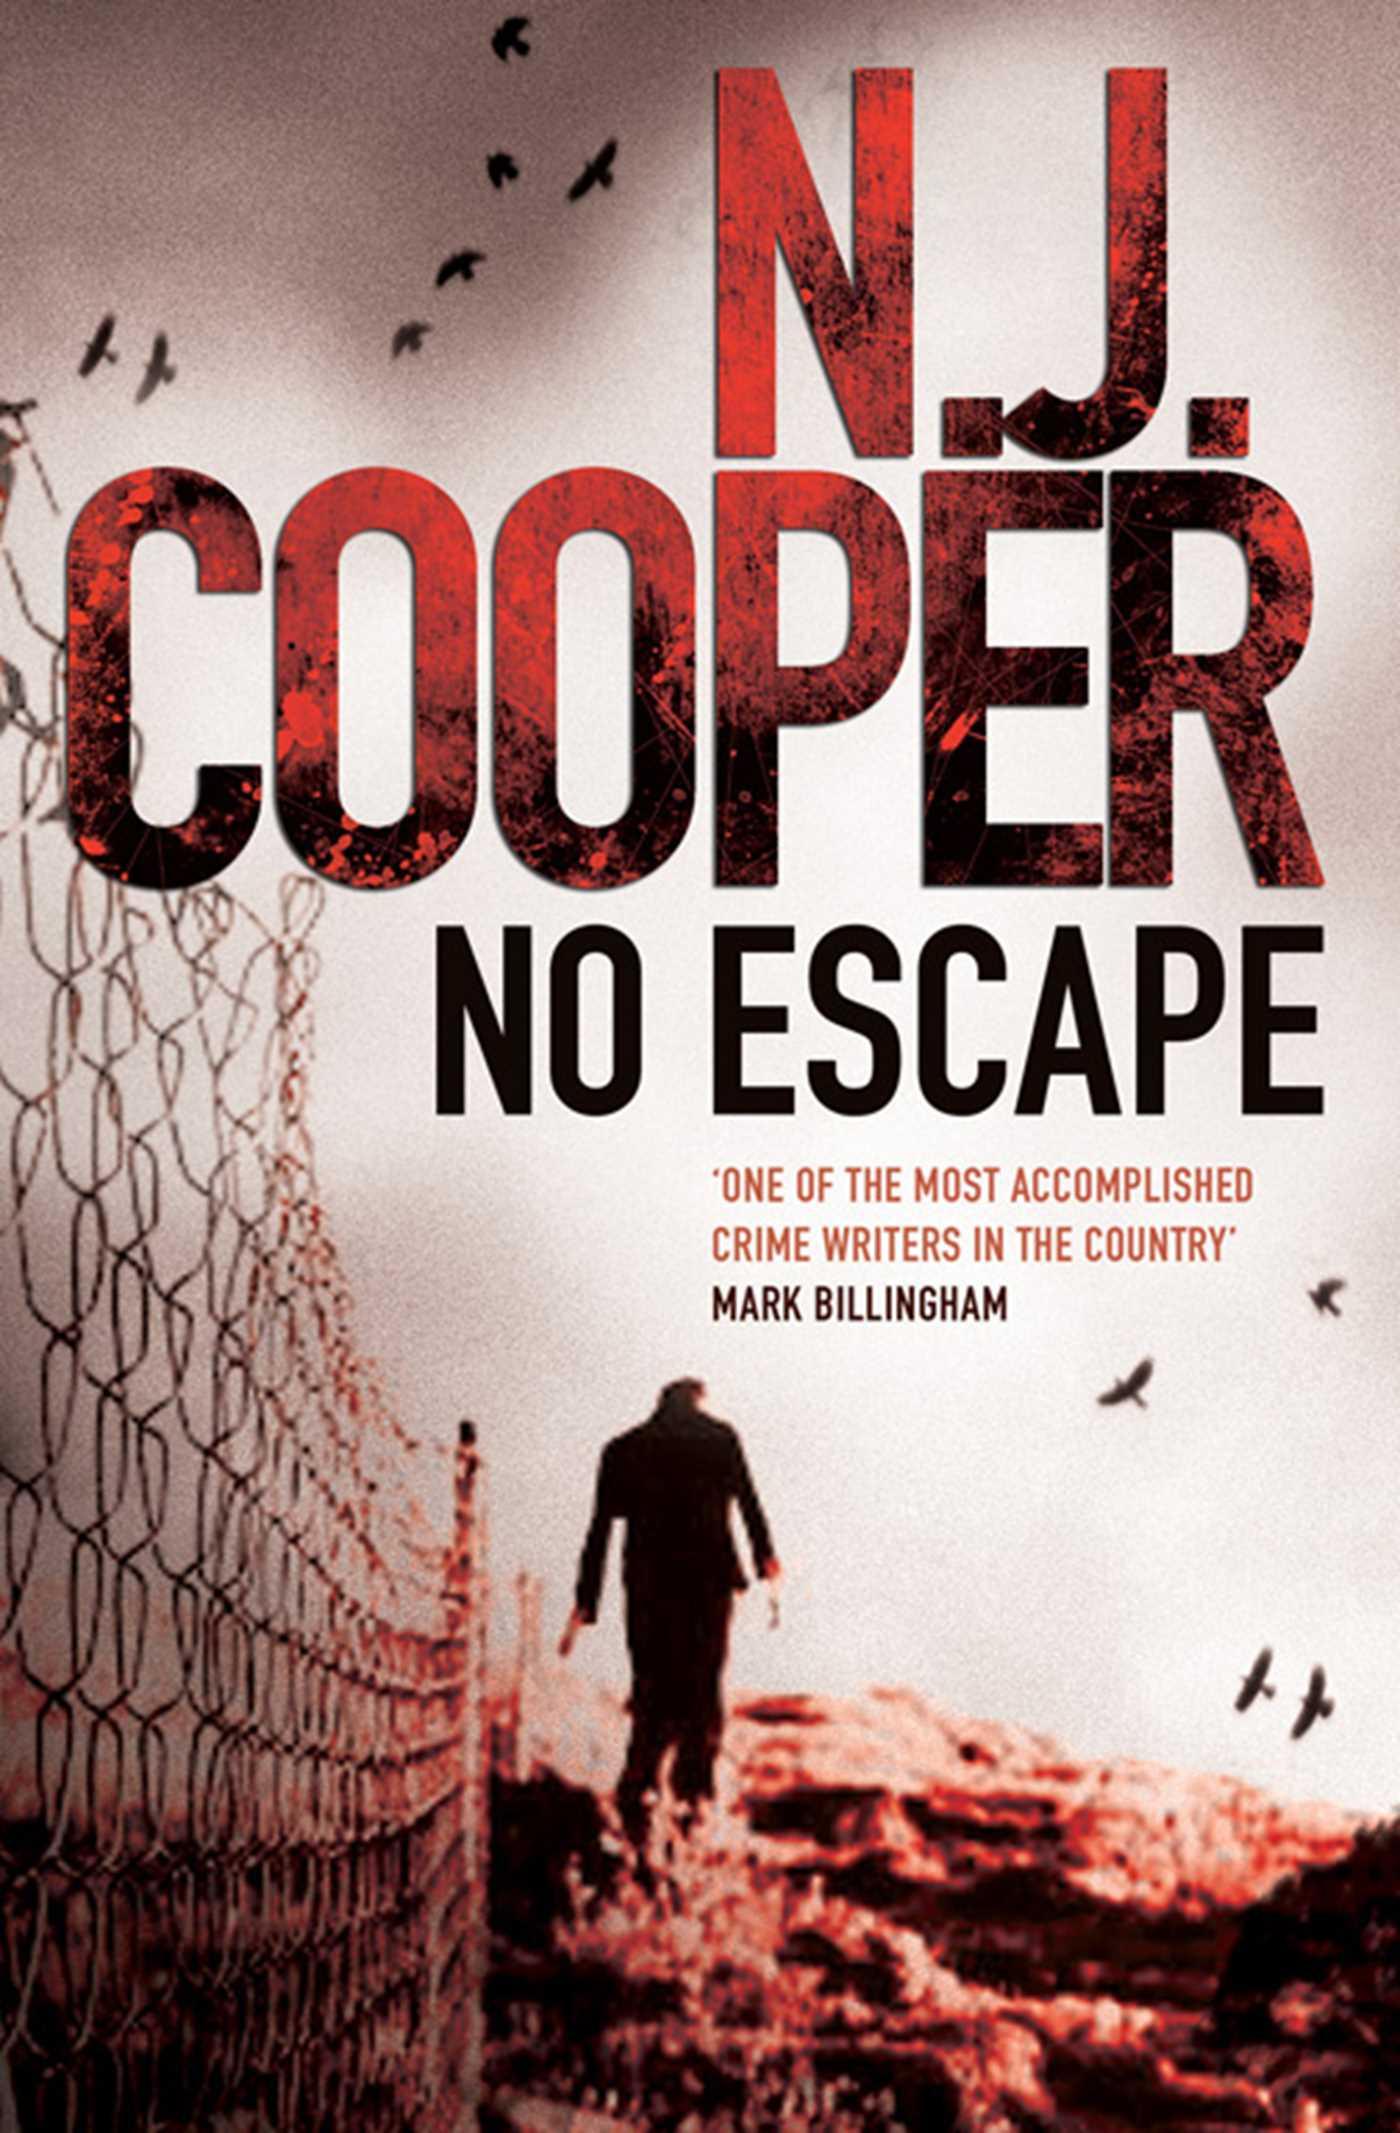 No escape 9781849832199 hr